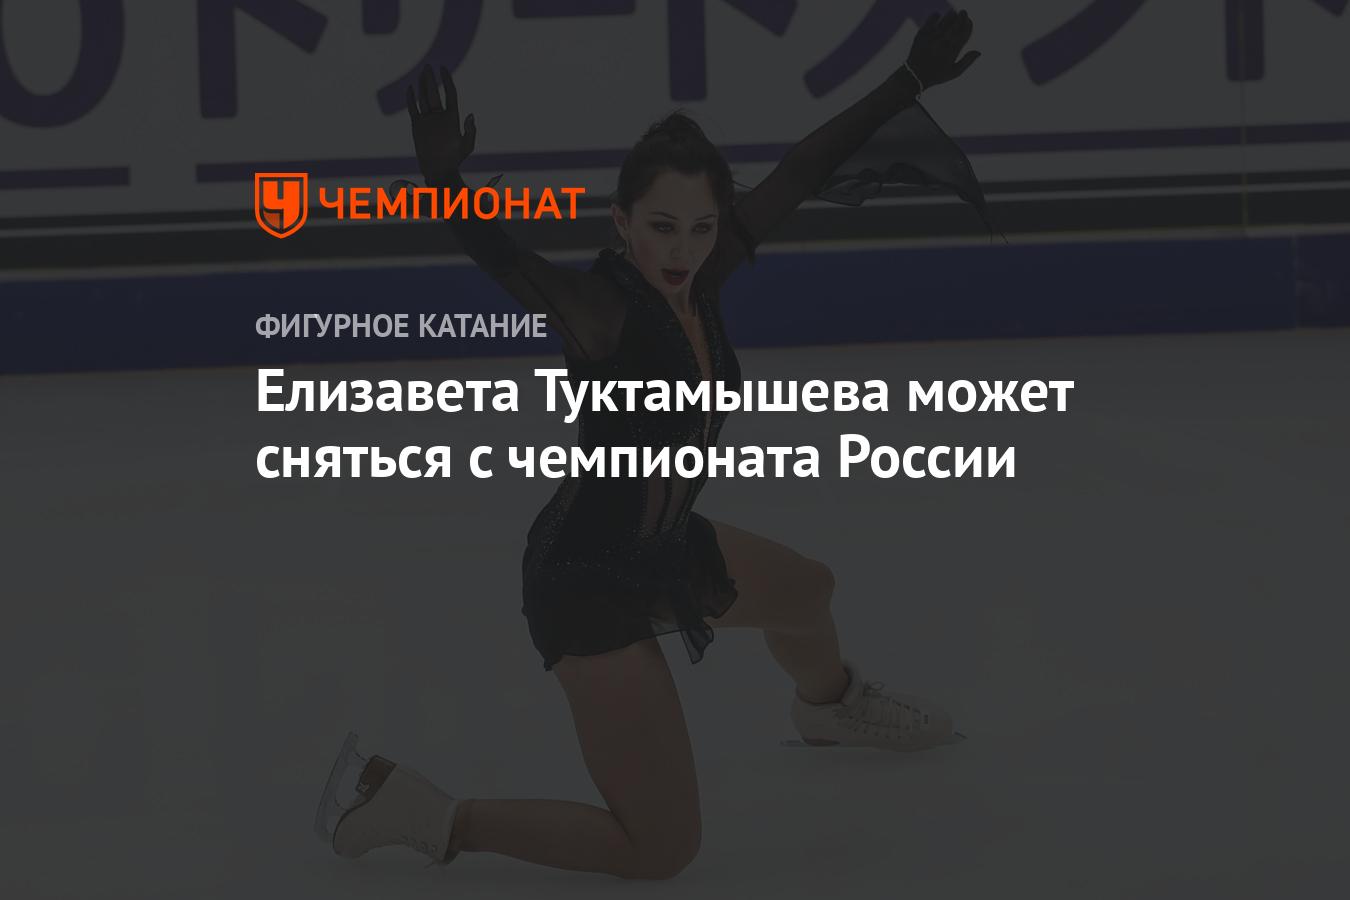 Елизавета Туктамышева может сняться с чемпионата России